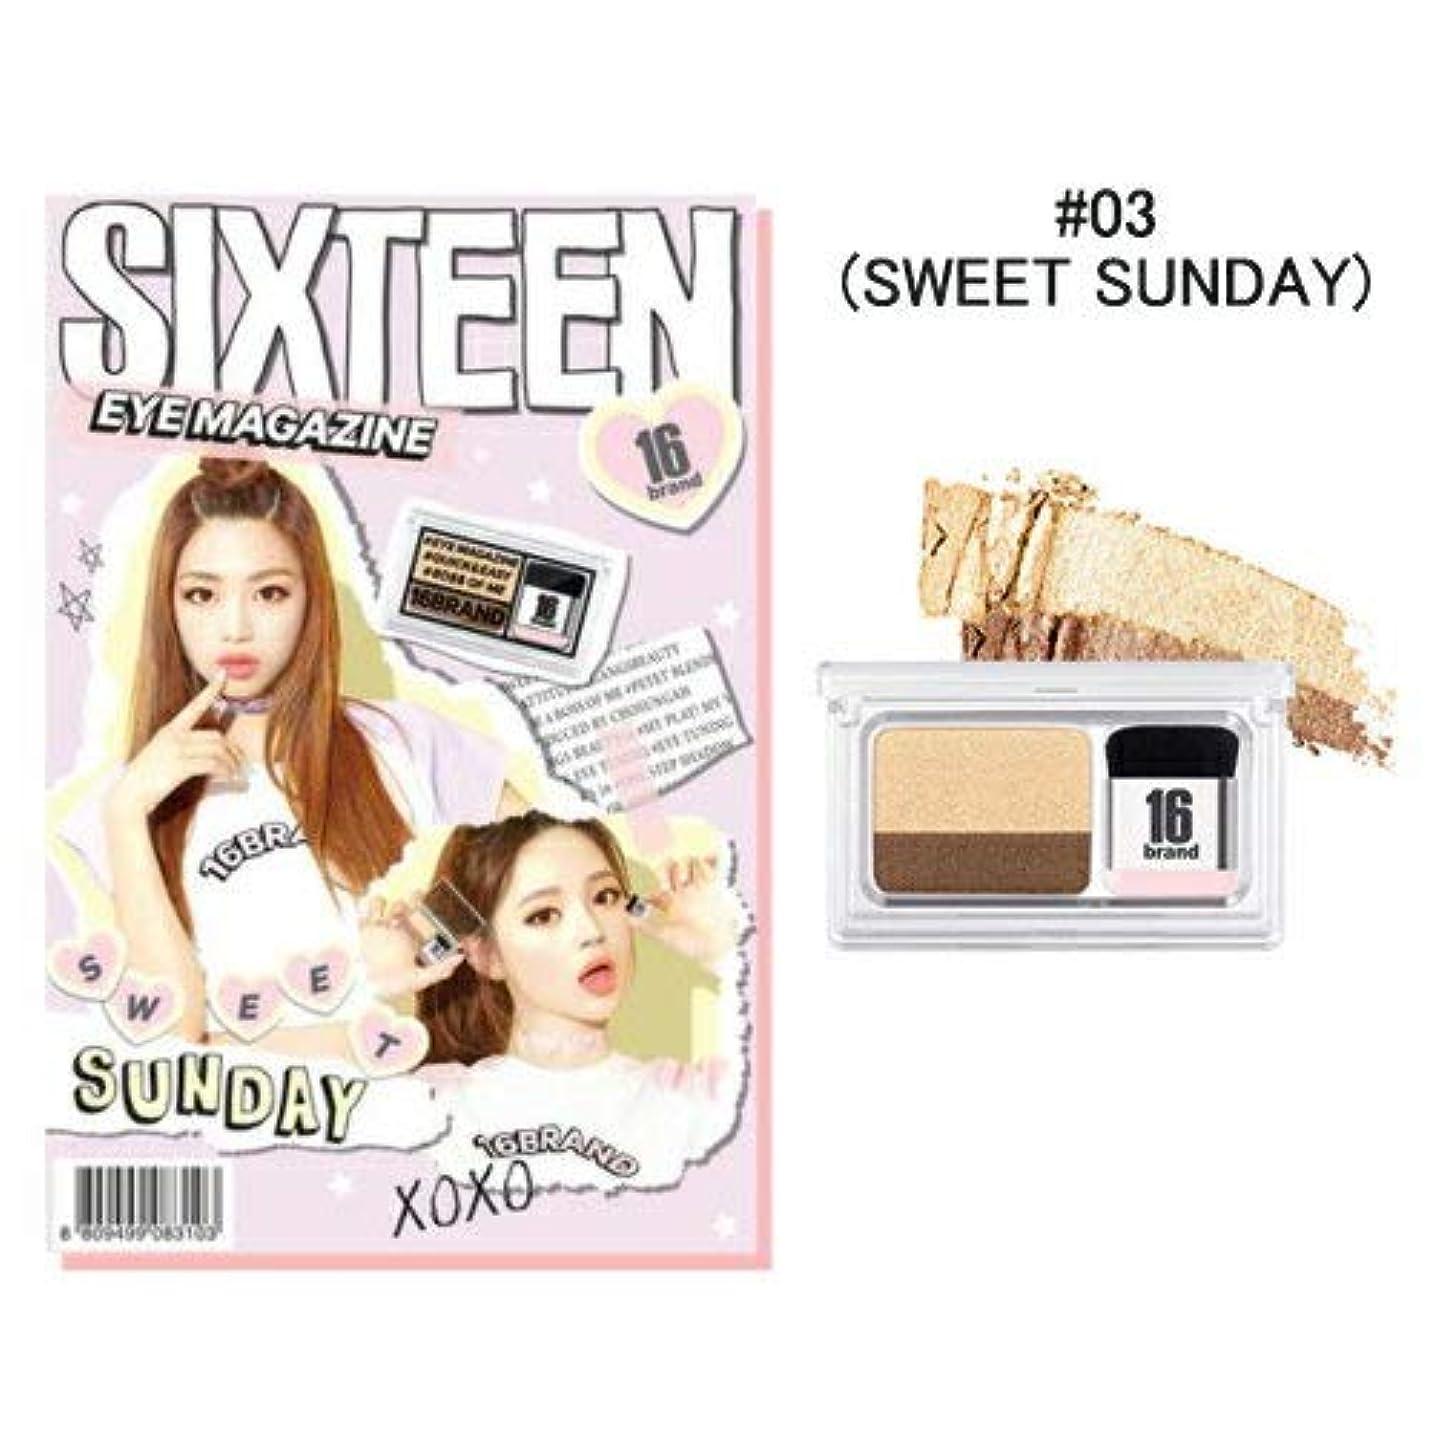 導体コーン韻[New Color] 16brand Sixteen Eye Magazine 2g /16ブランド シックスティーン アイ マガジン 2g (#03 SWEET SUNDAY) [並行輸入品]